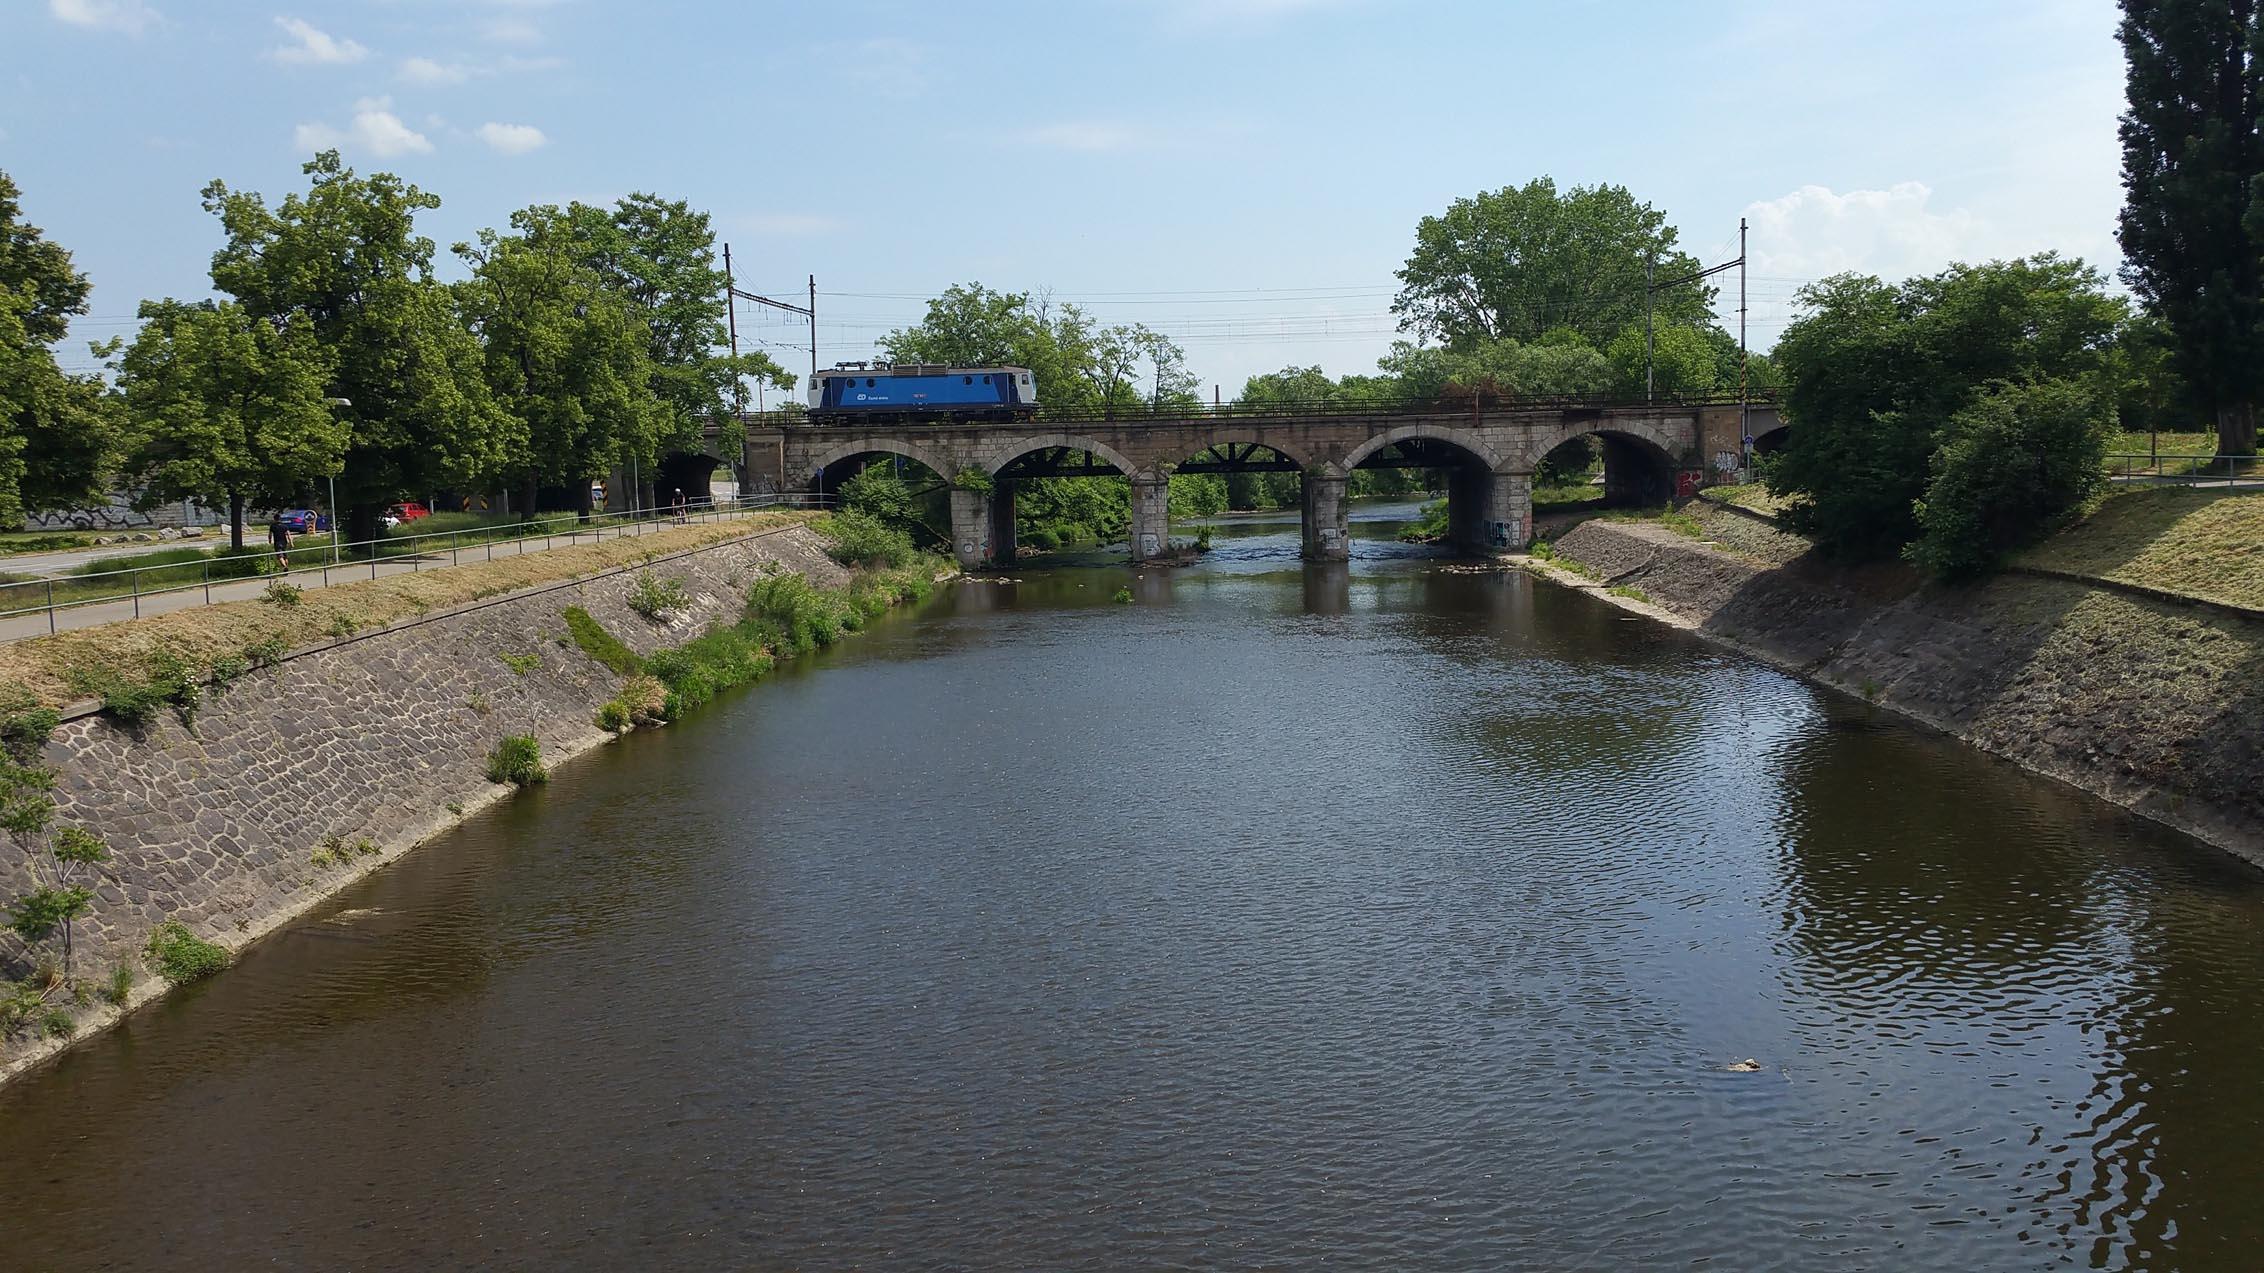 Viadukt na řece Svratce v Brně, jaro 2018